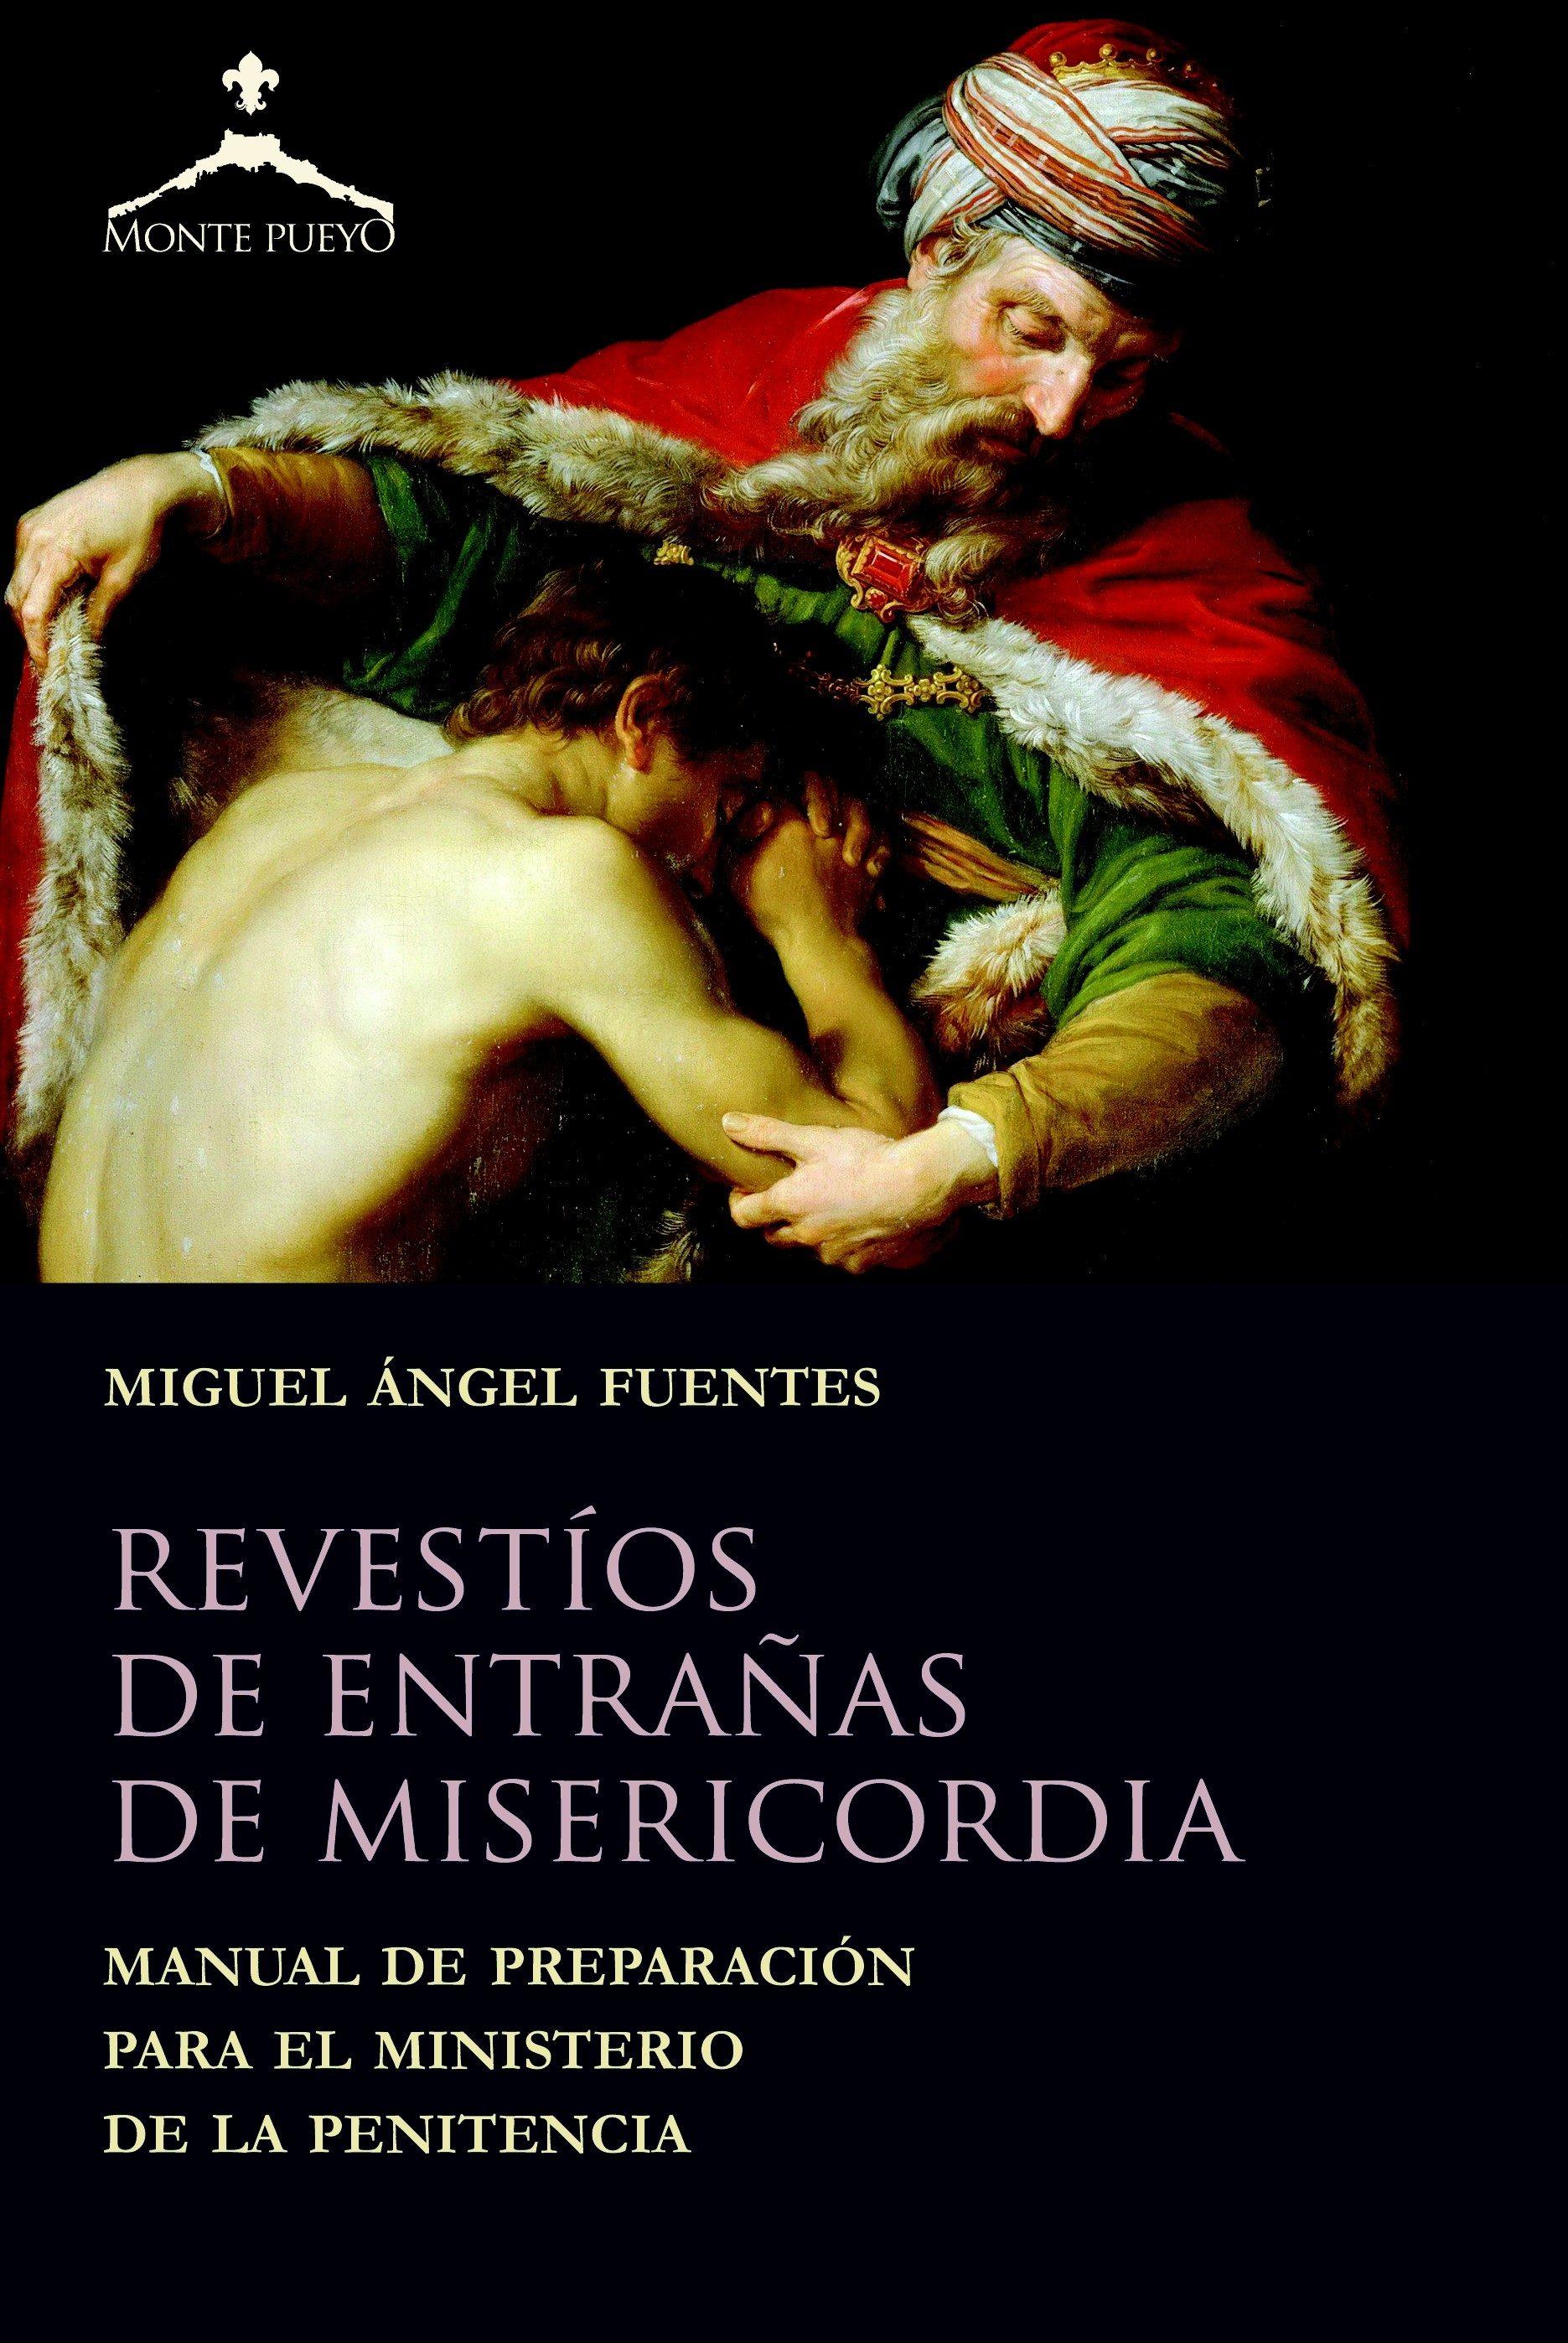 Revestios De Entrañas De Misericordia - Fuentes Miguel Angel